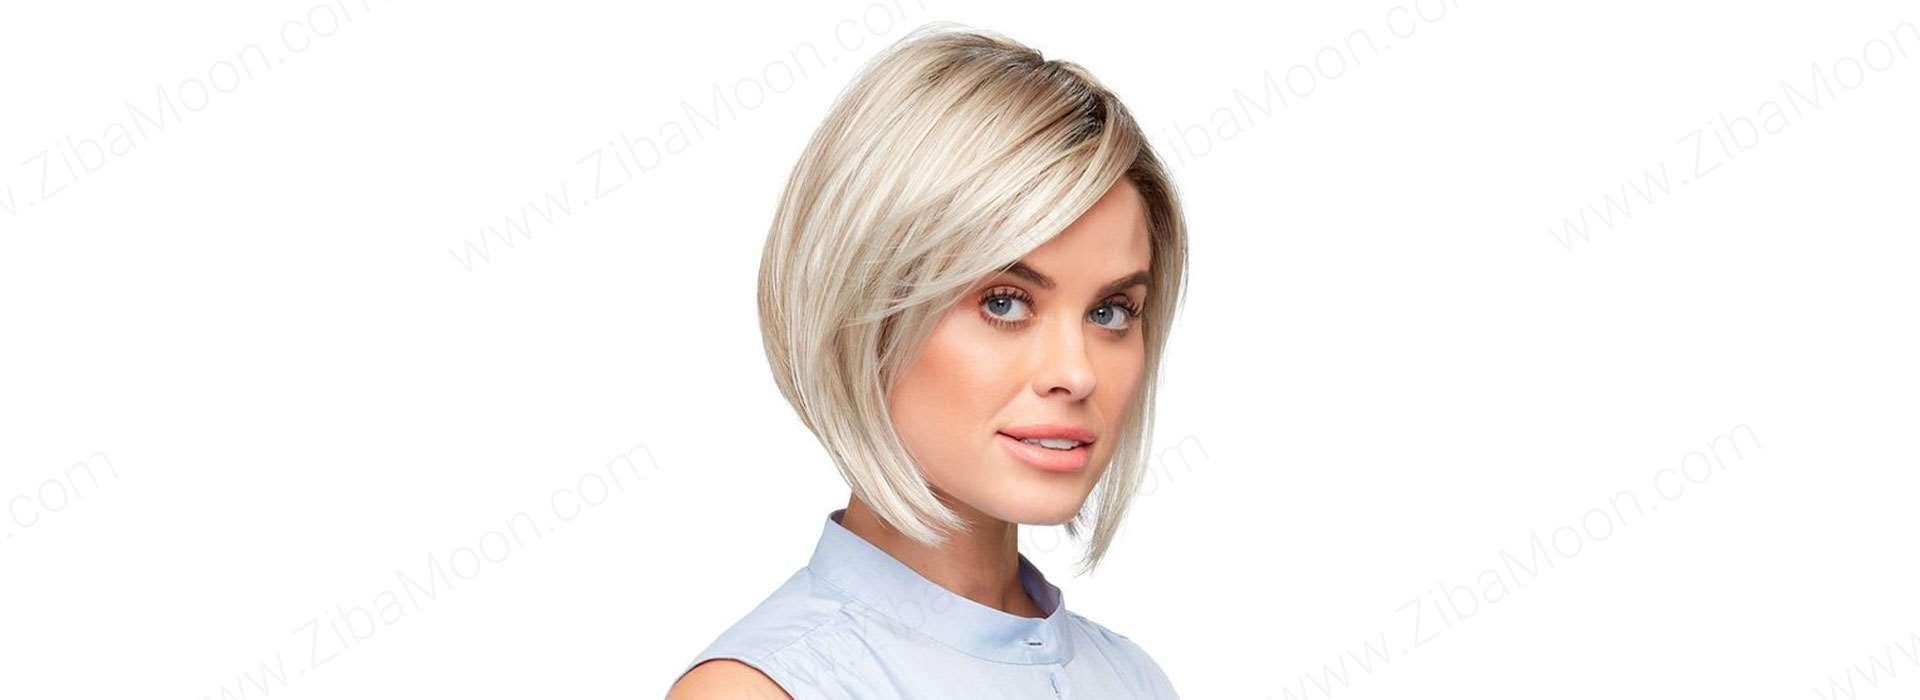 رنگ مو استخوانی دخترانه ، زنانه و مردانه بدون دکلره